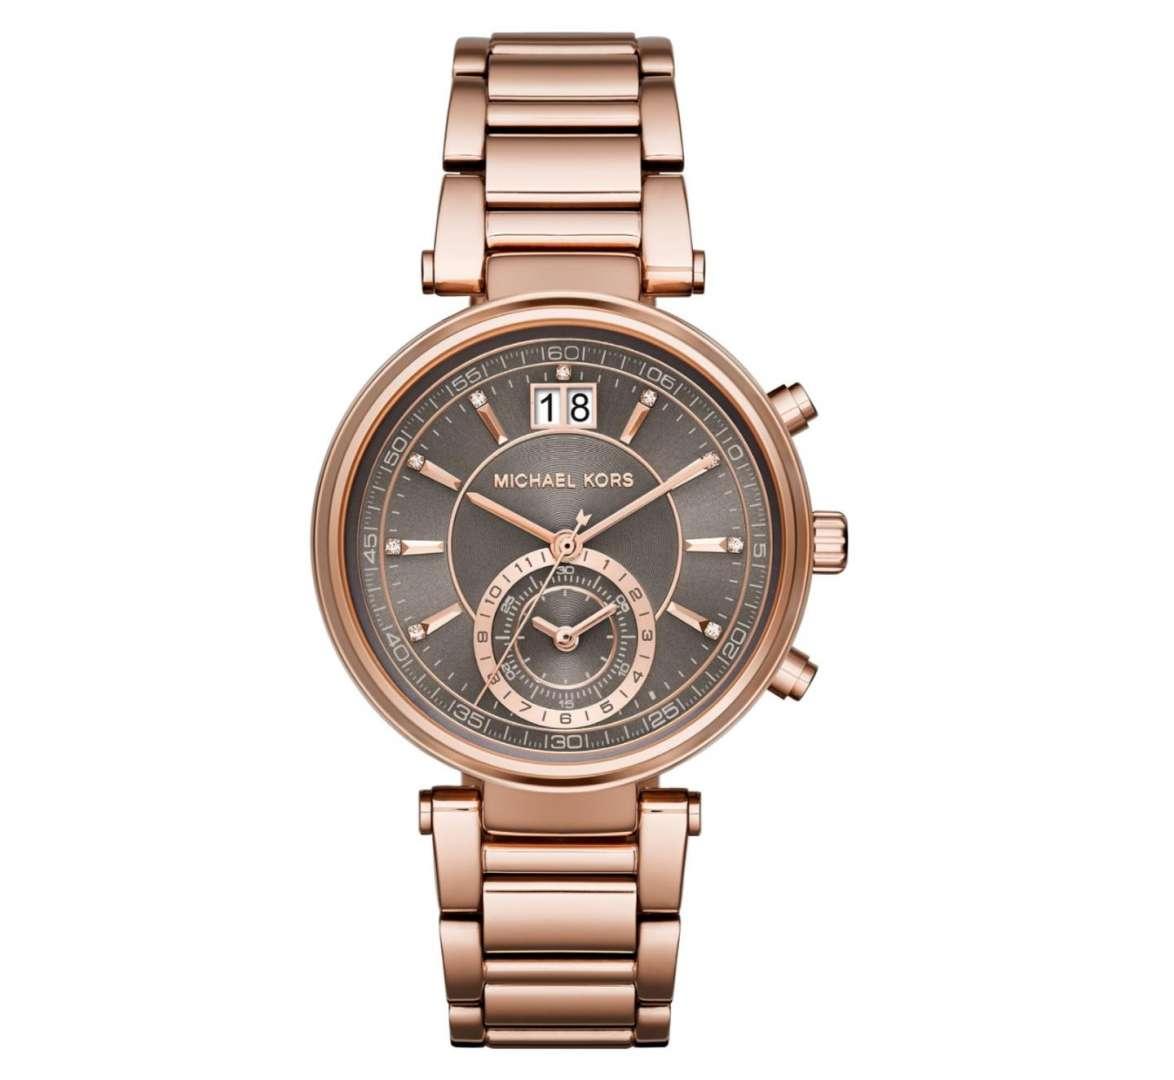 שעון יד אנלוגי לאישה michael kors mk6226 מייקל קורס